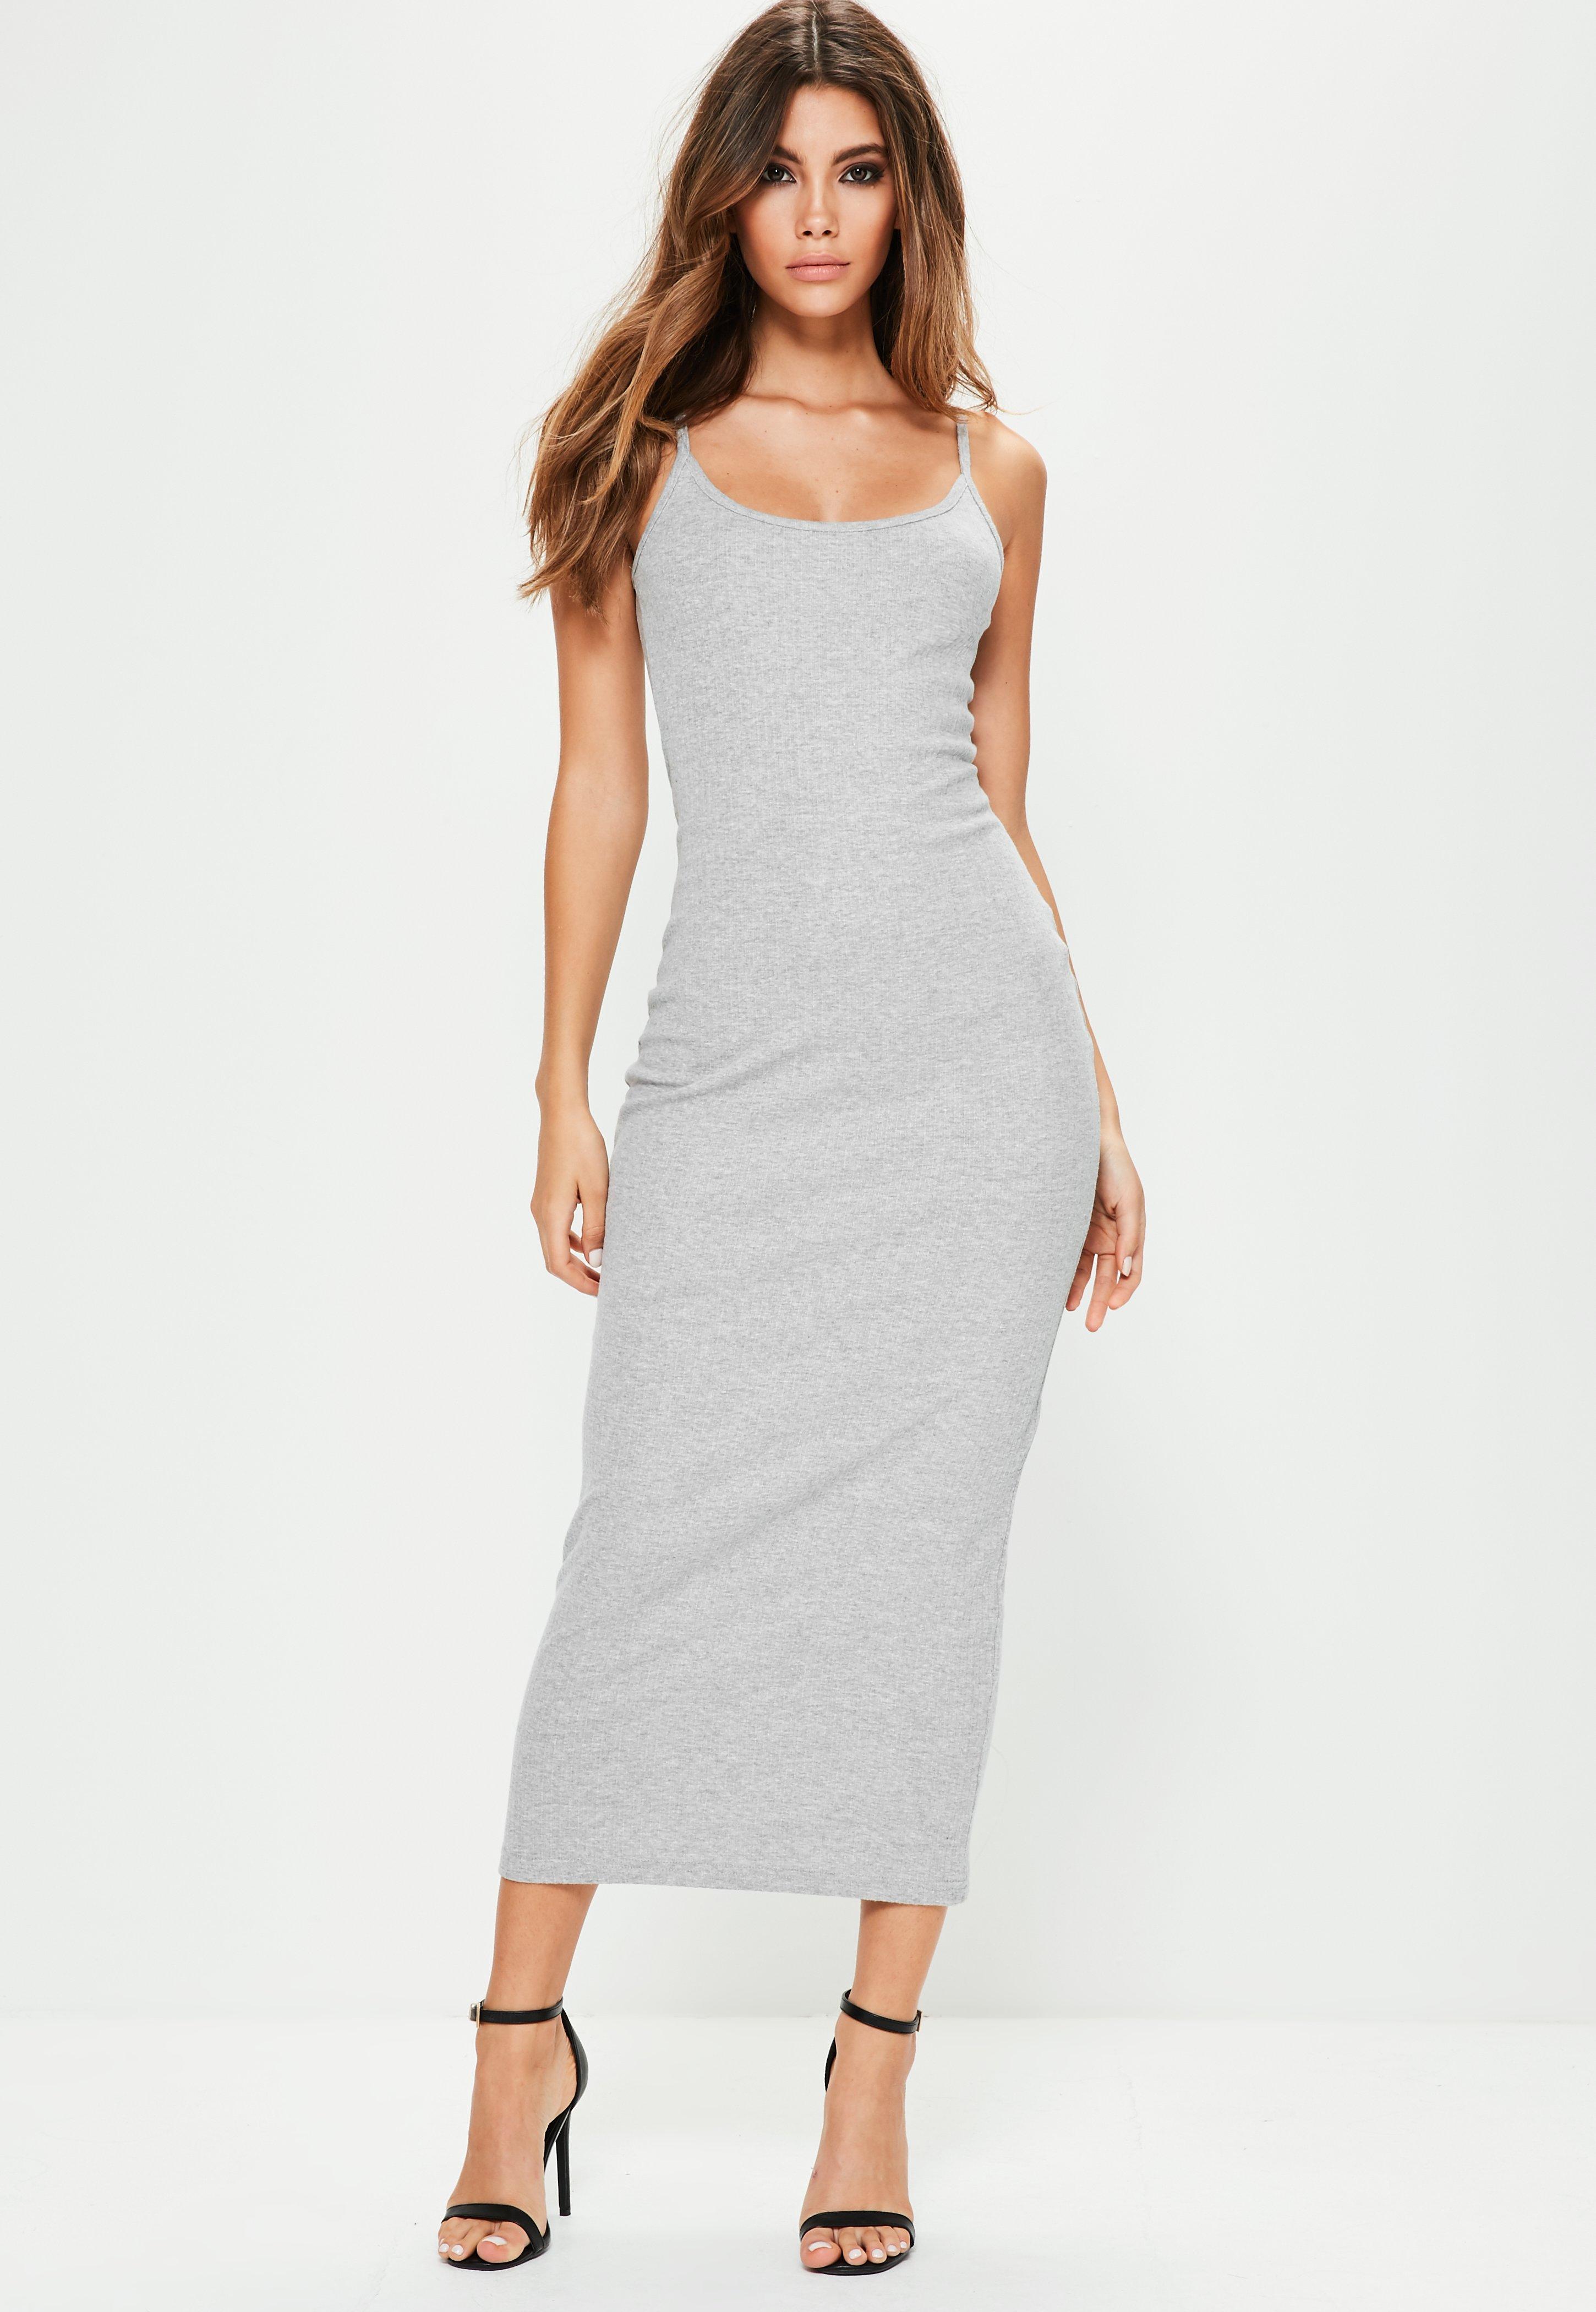 Gray Ribbed Strappy Midi Dress  8024d0925480